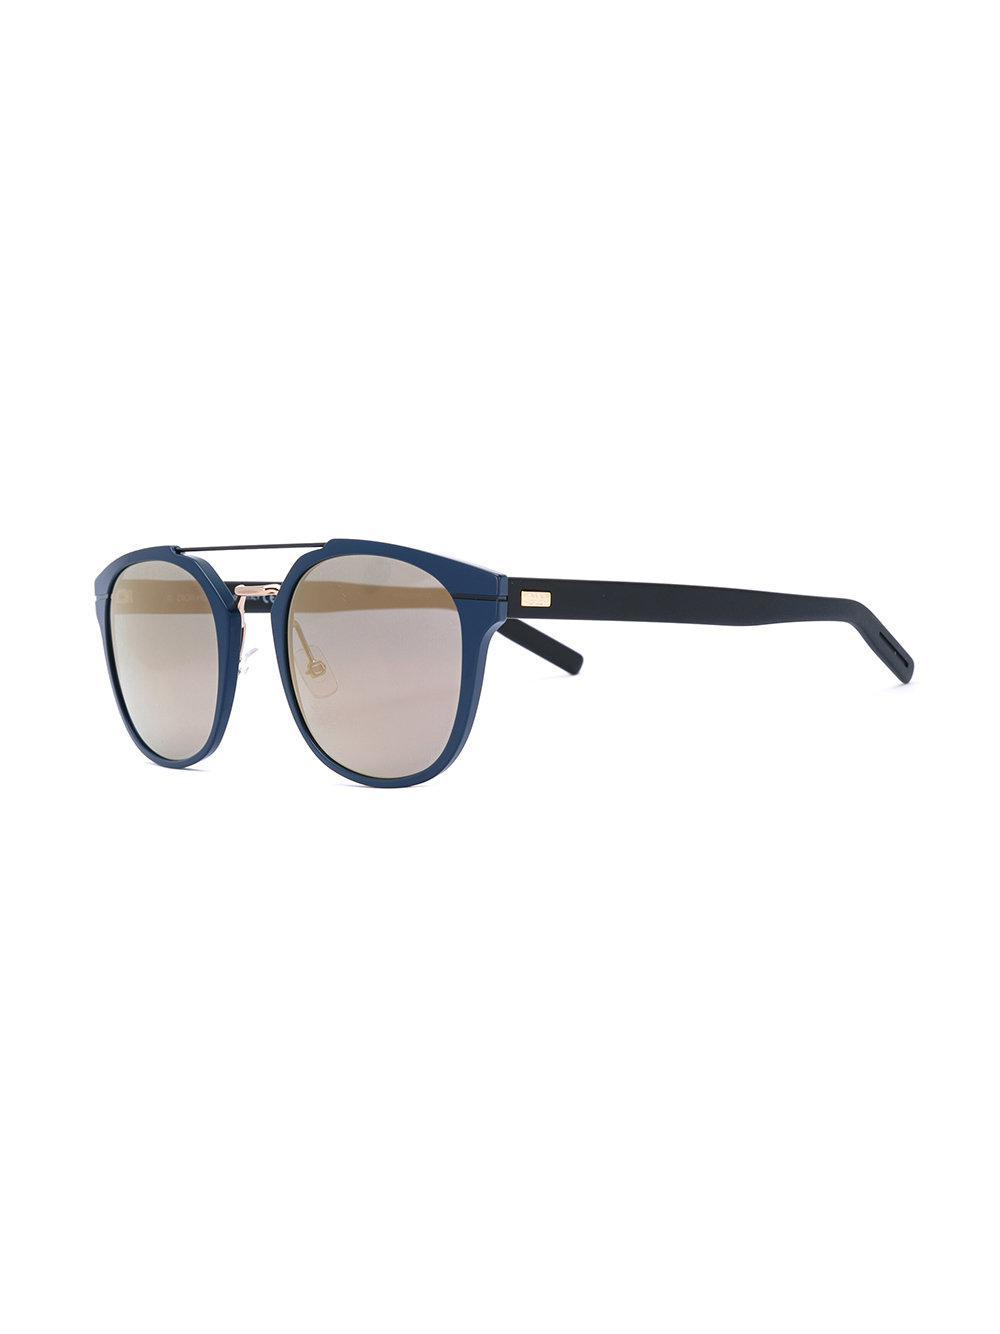 en de pour homme Lunettes coloris Dior soleil Bleu carrées Lyst 05qUXw 66fc0dc5aea8